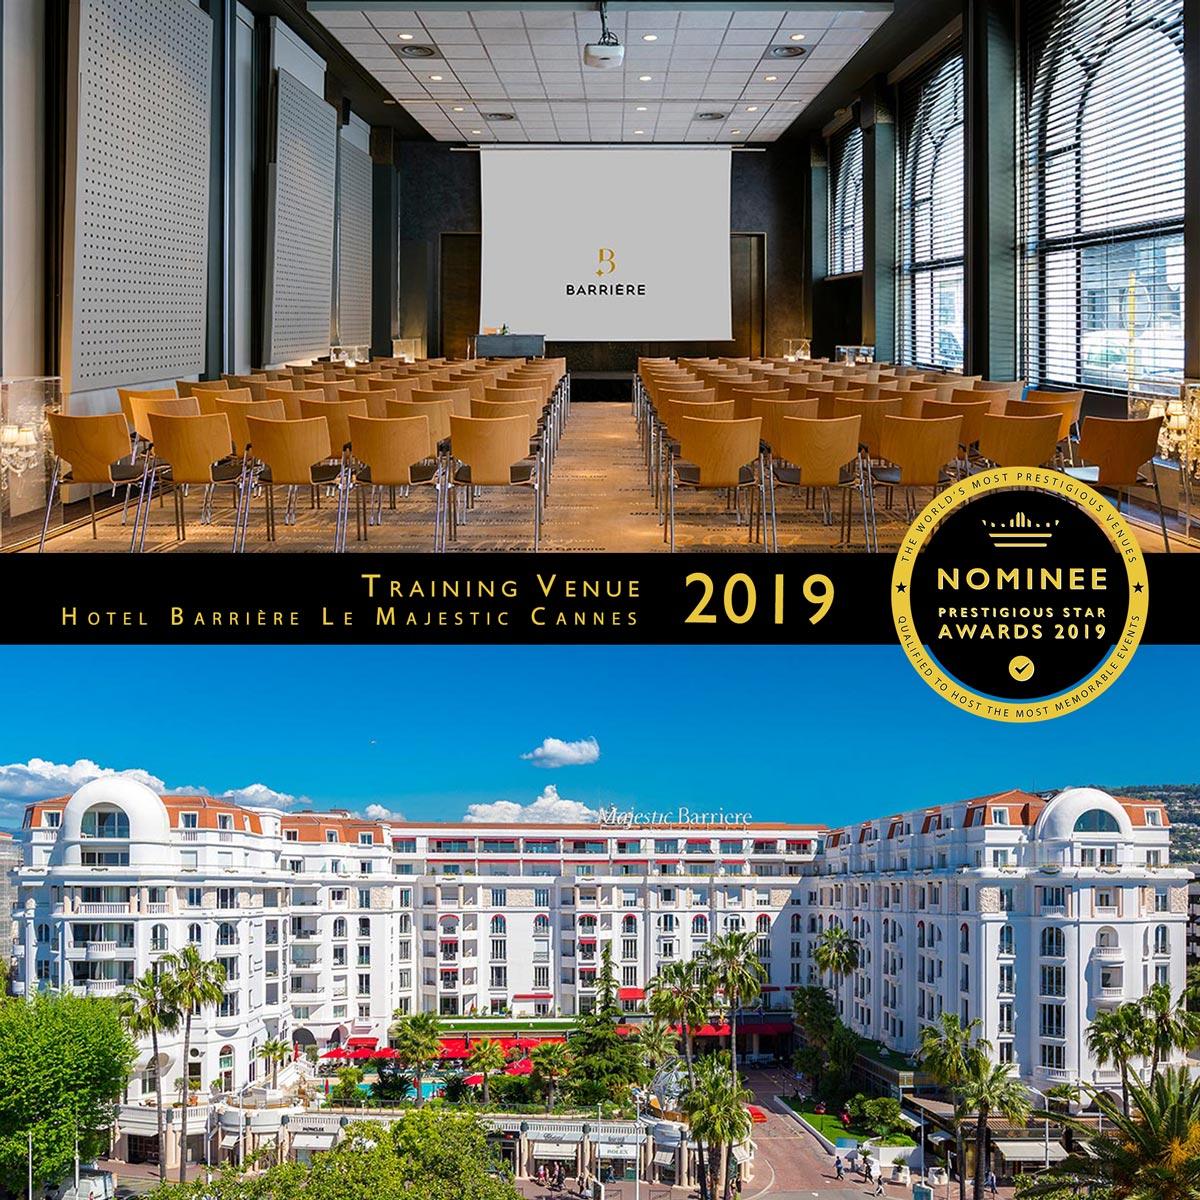 Le Fouquet's Cannes at Hotel Barrière Le Majestic Cannes